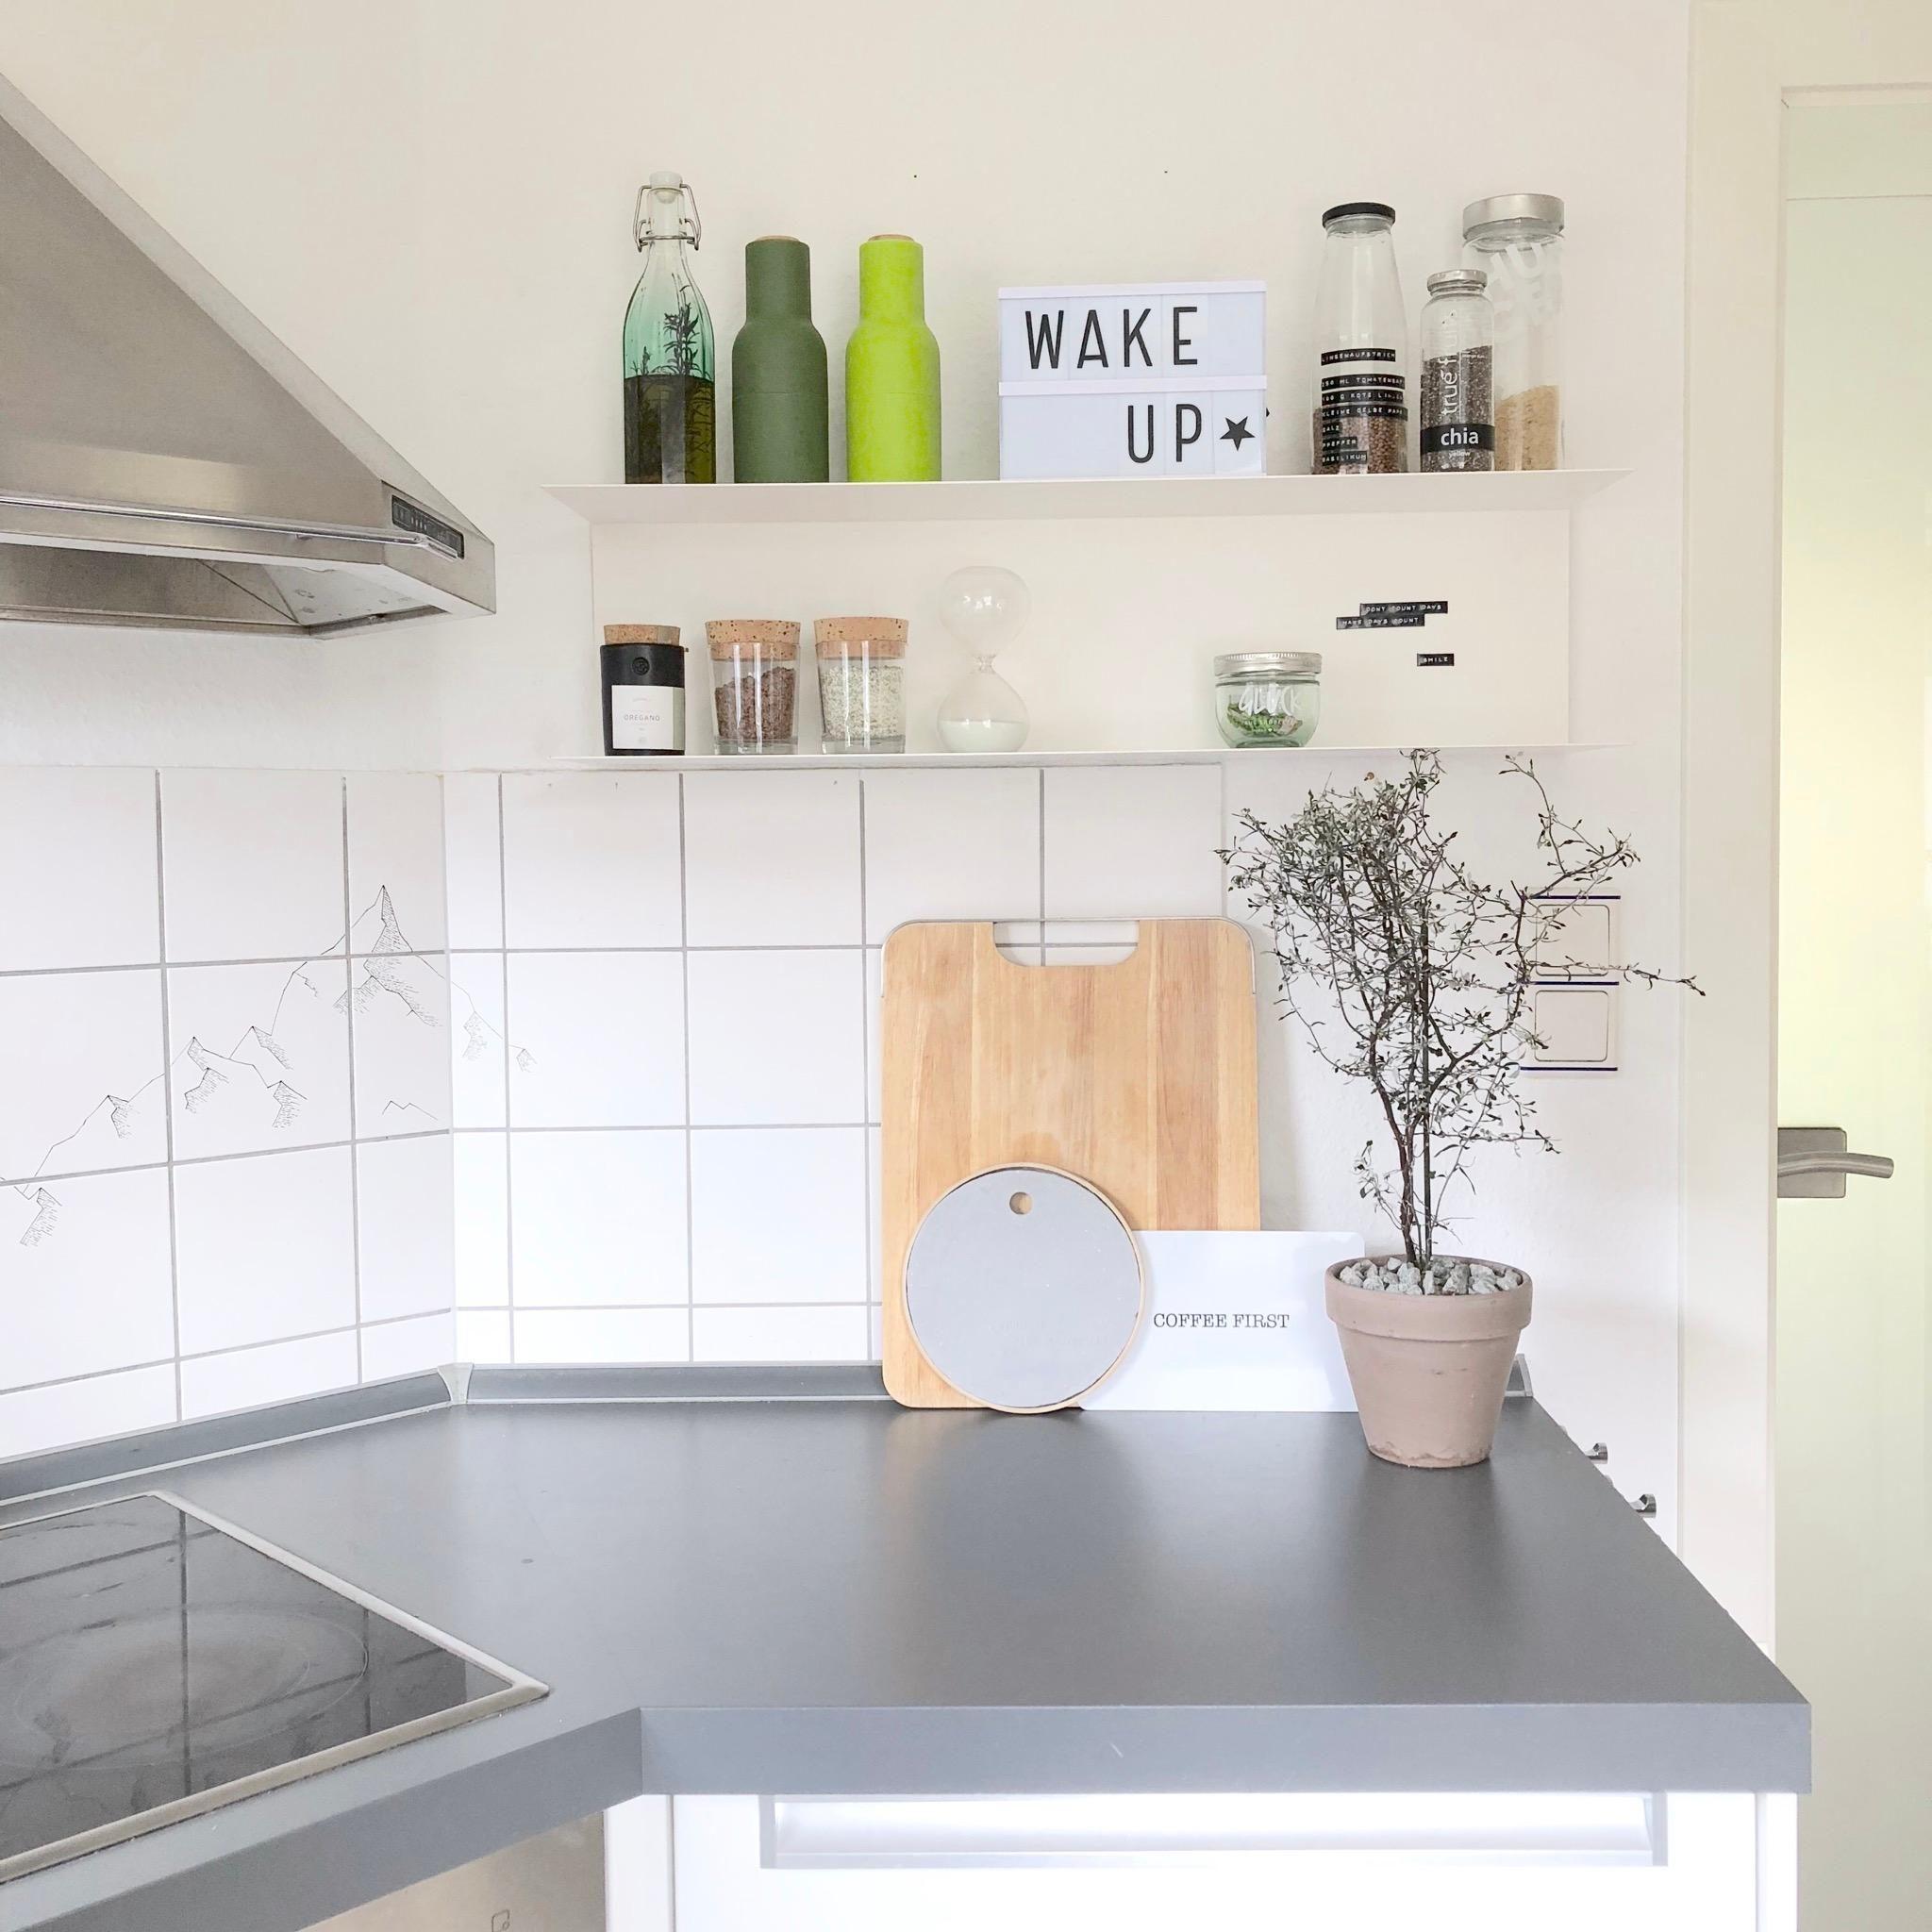 Unsere Küche und mein Lueblingsregal küche interi